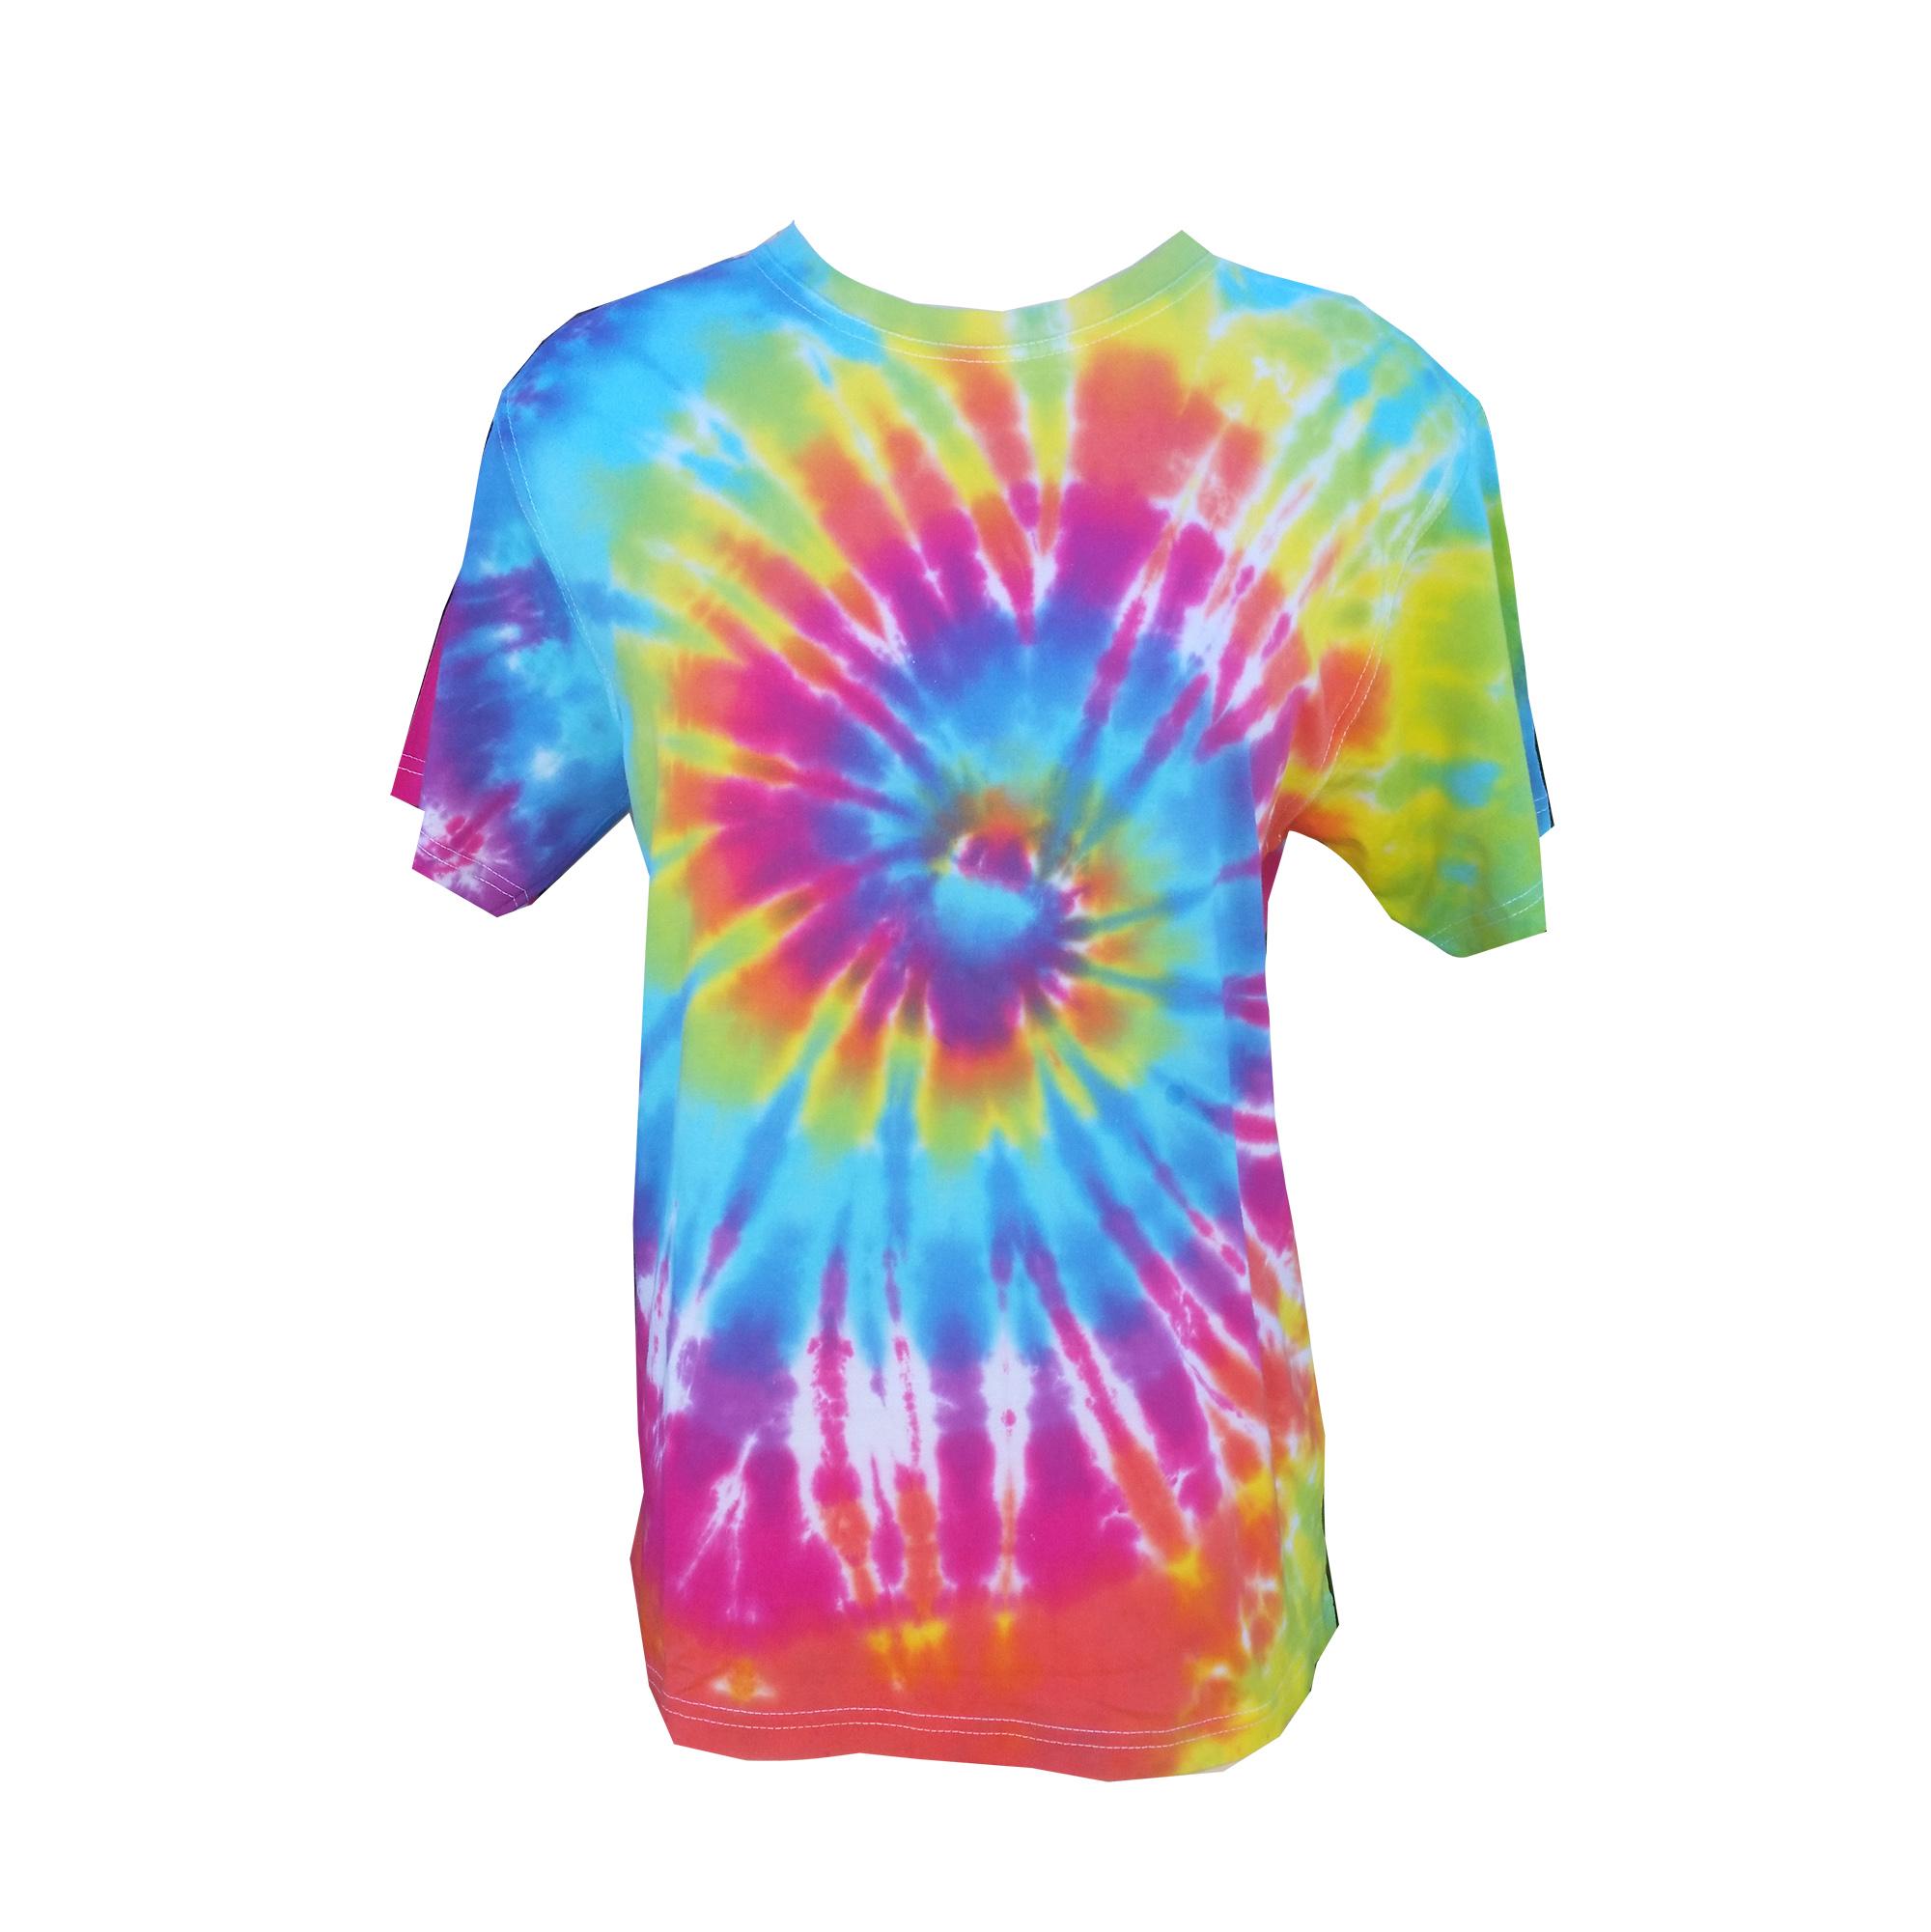 rainbow tie dye photo - 1